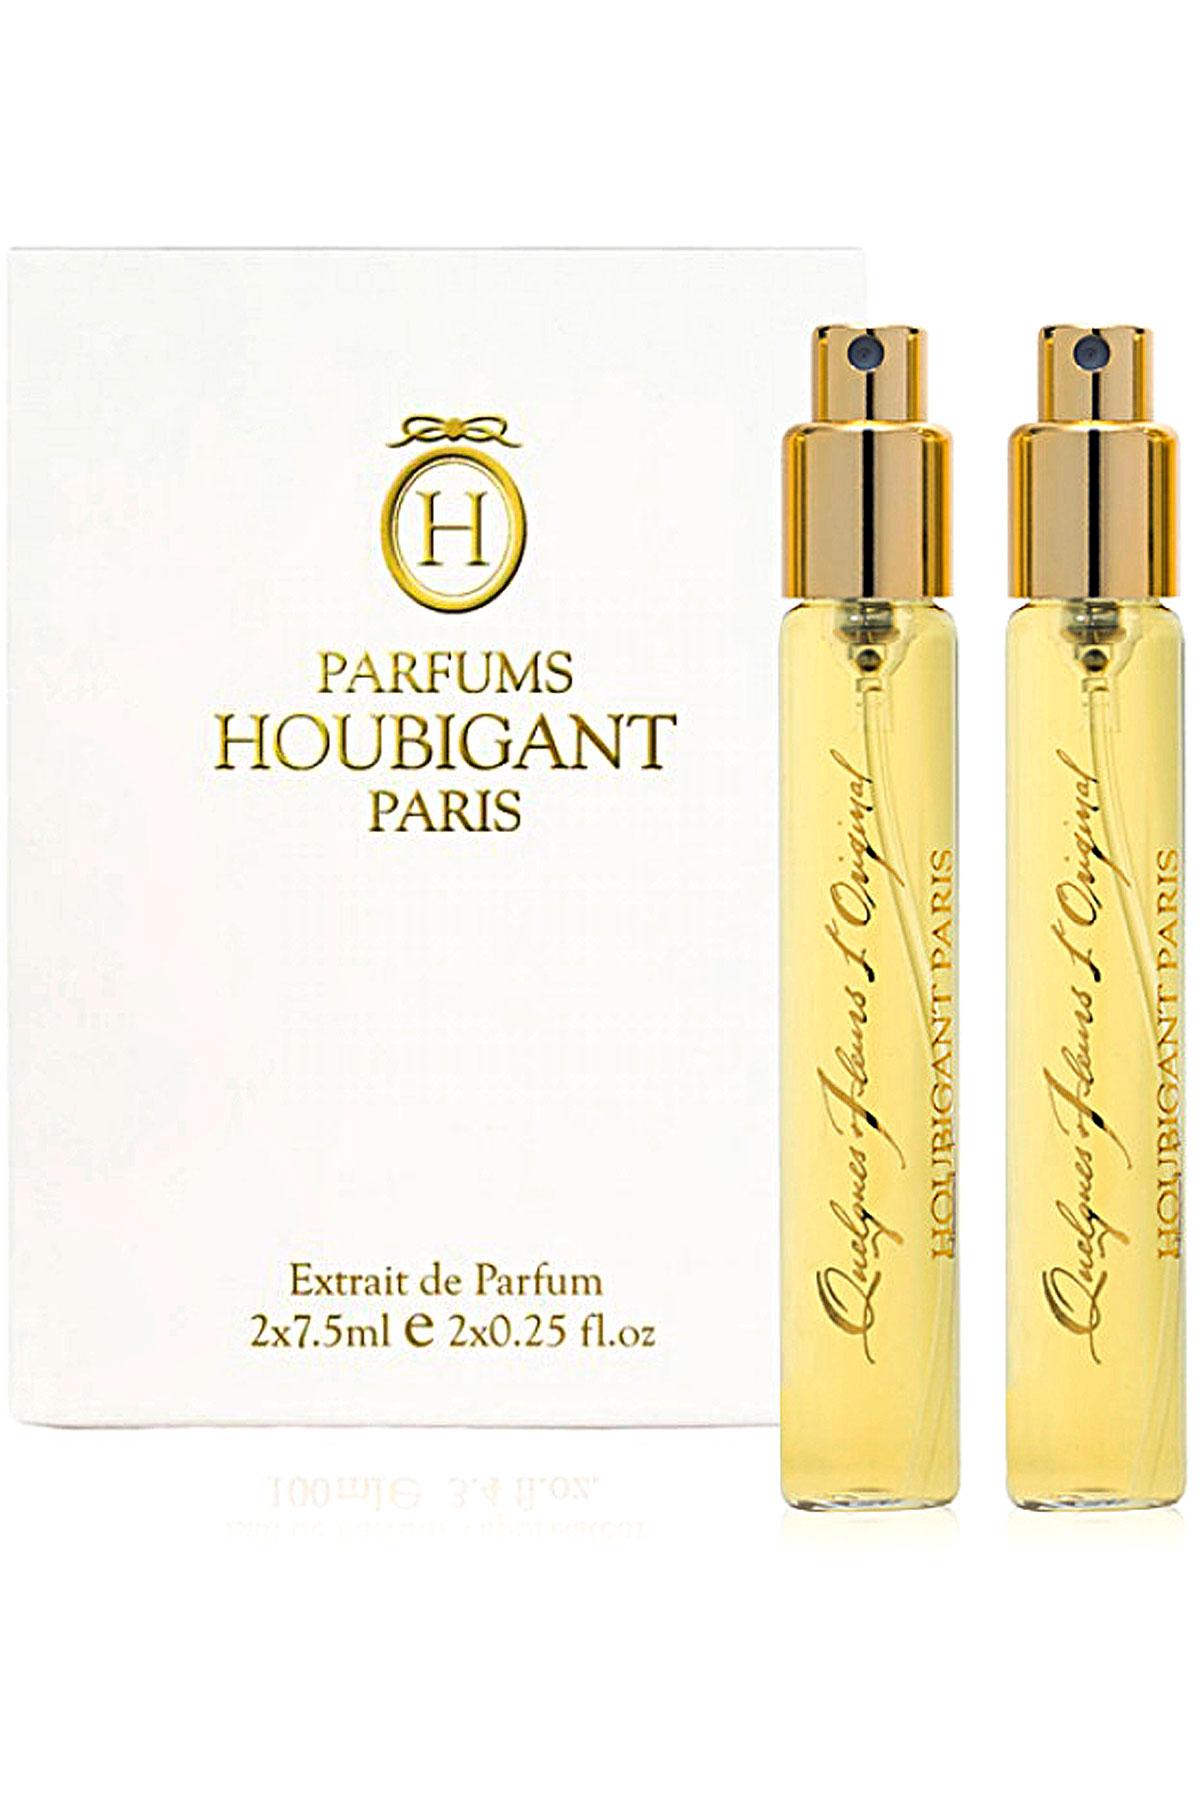 Houbigant Paris Fragrances for Women, Quelques Fleurs L Original - Travel Refill - 2 X 7.5 Ml, 2019, 2 x 7.5 ml